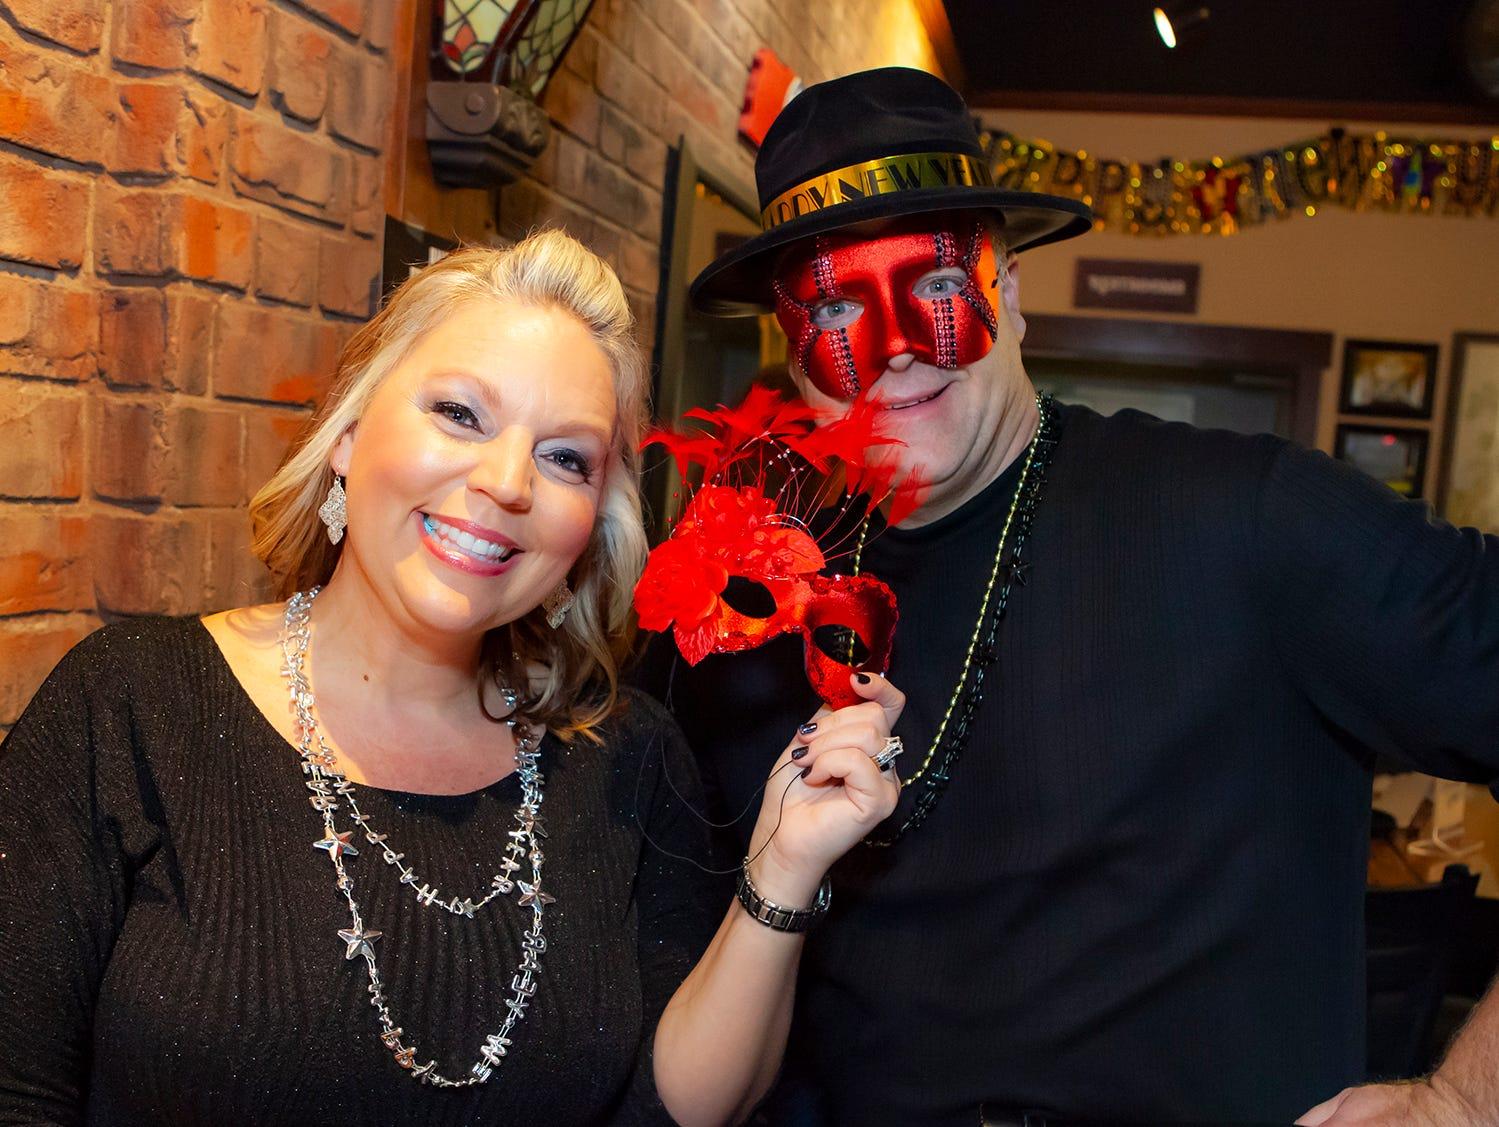 Tanya and Mark Todd at the New Year's party at Hank's Honky Tonk in Murfreesboro.